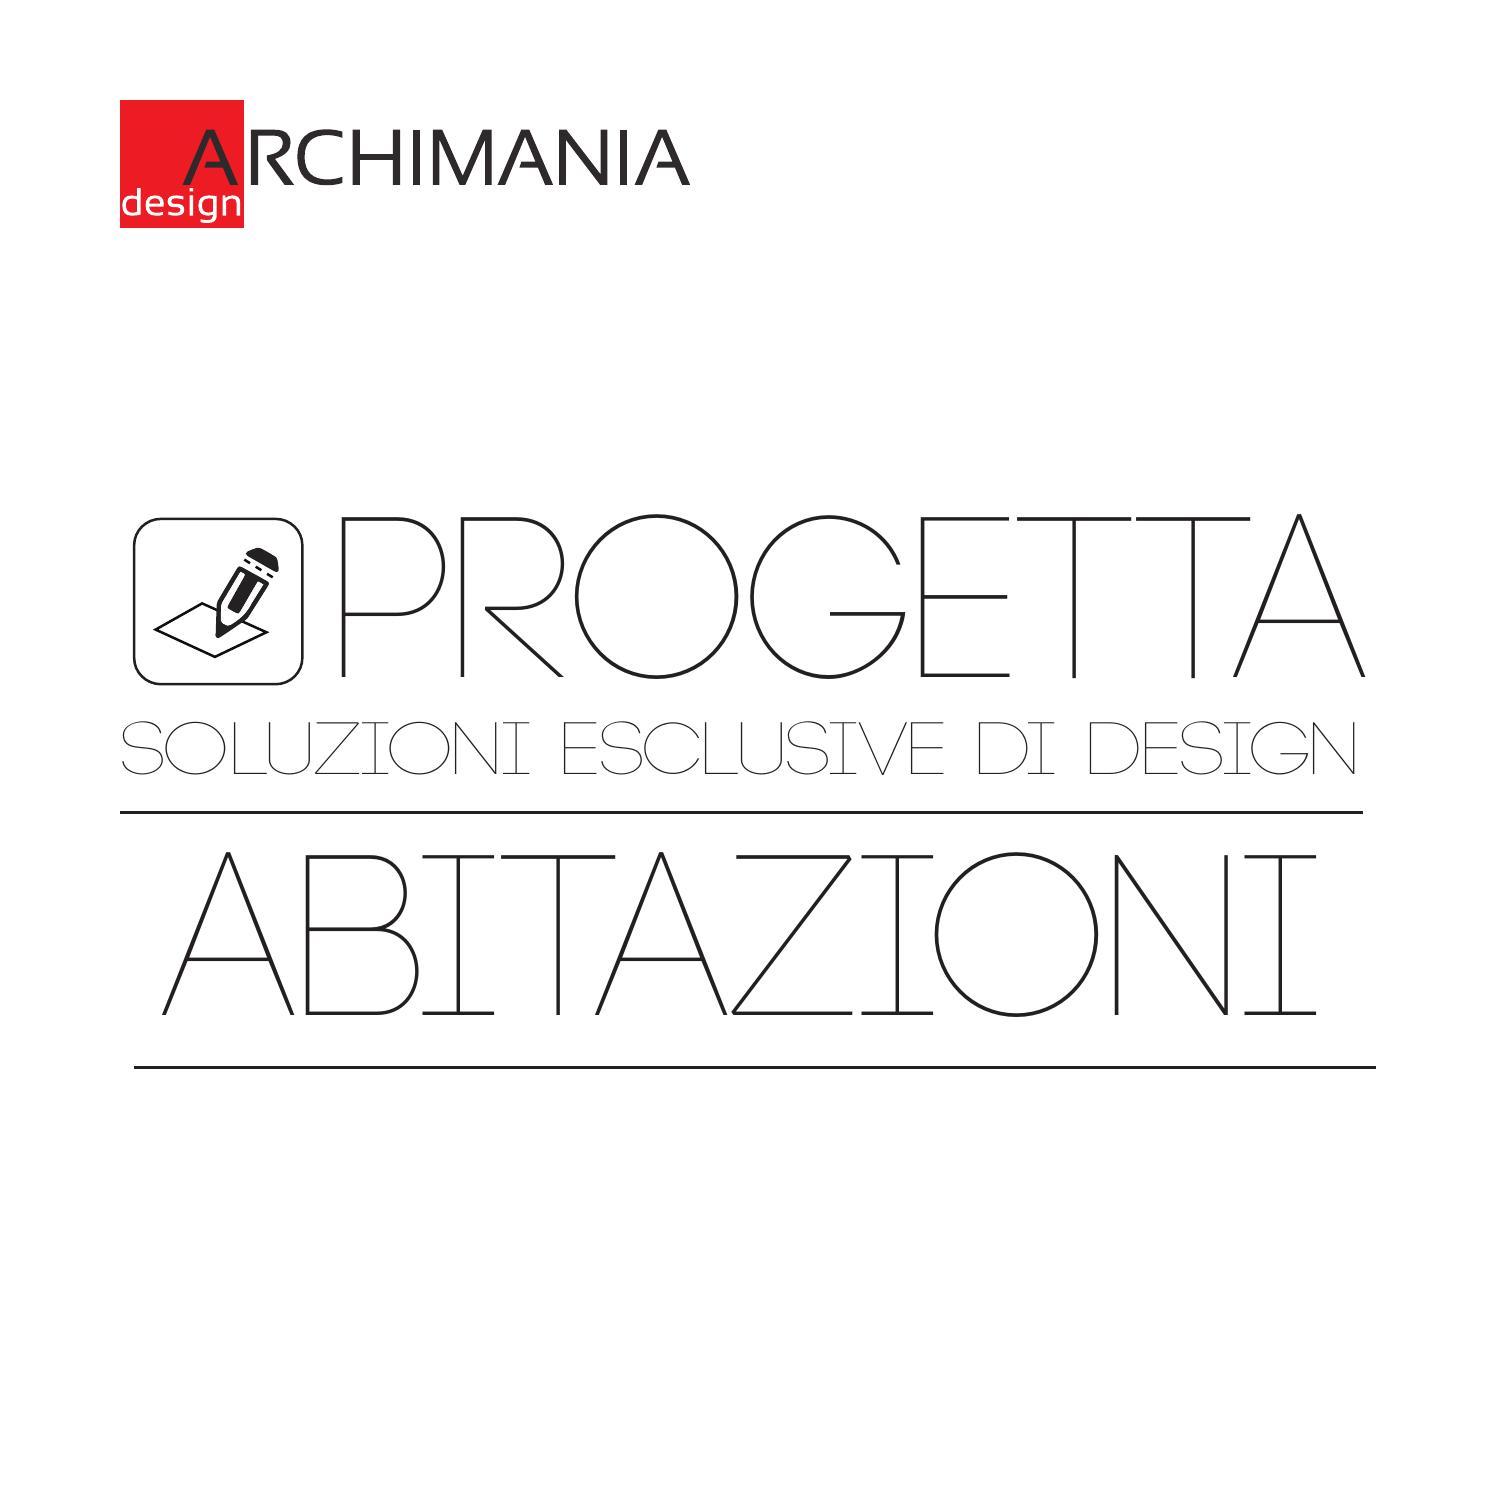 Progetta abitazioni by archimania design issuu for Design abitazioni